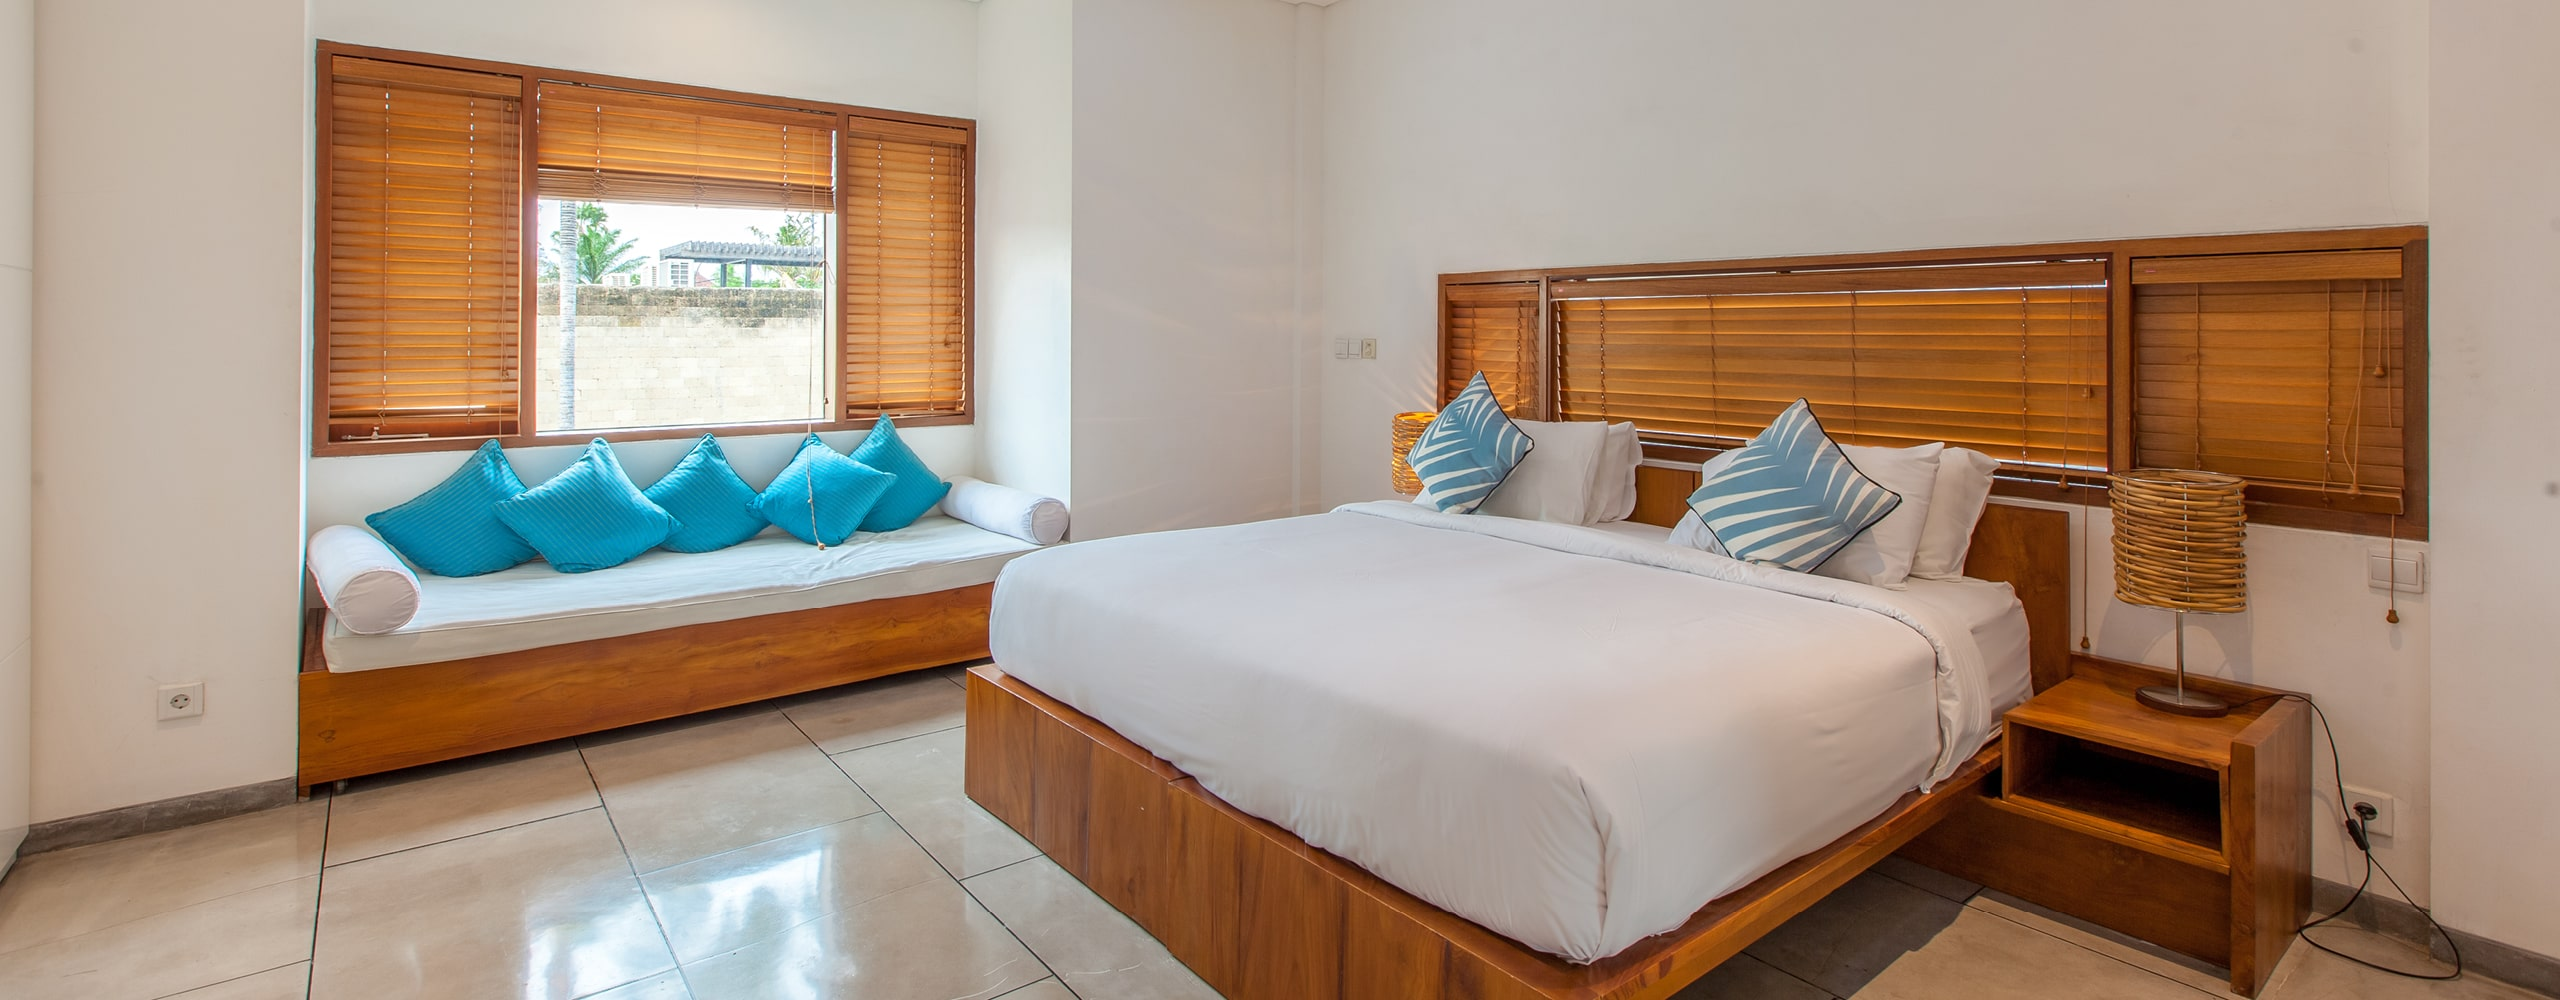 Full Size of Bali Bett Outdoor Zimmer Auf In Der Seminyak Villa Deluxe Stauraum Rustikales Betten 200x220 Außergewöhnliche Team 7 Massiv 180x200 Kopfteil Großes Feng Wohnzimmer Bali Bett Outdoor